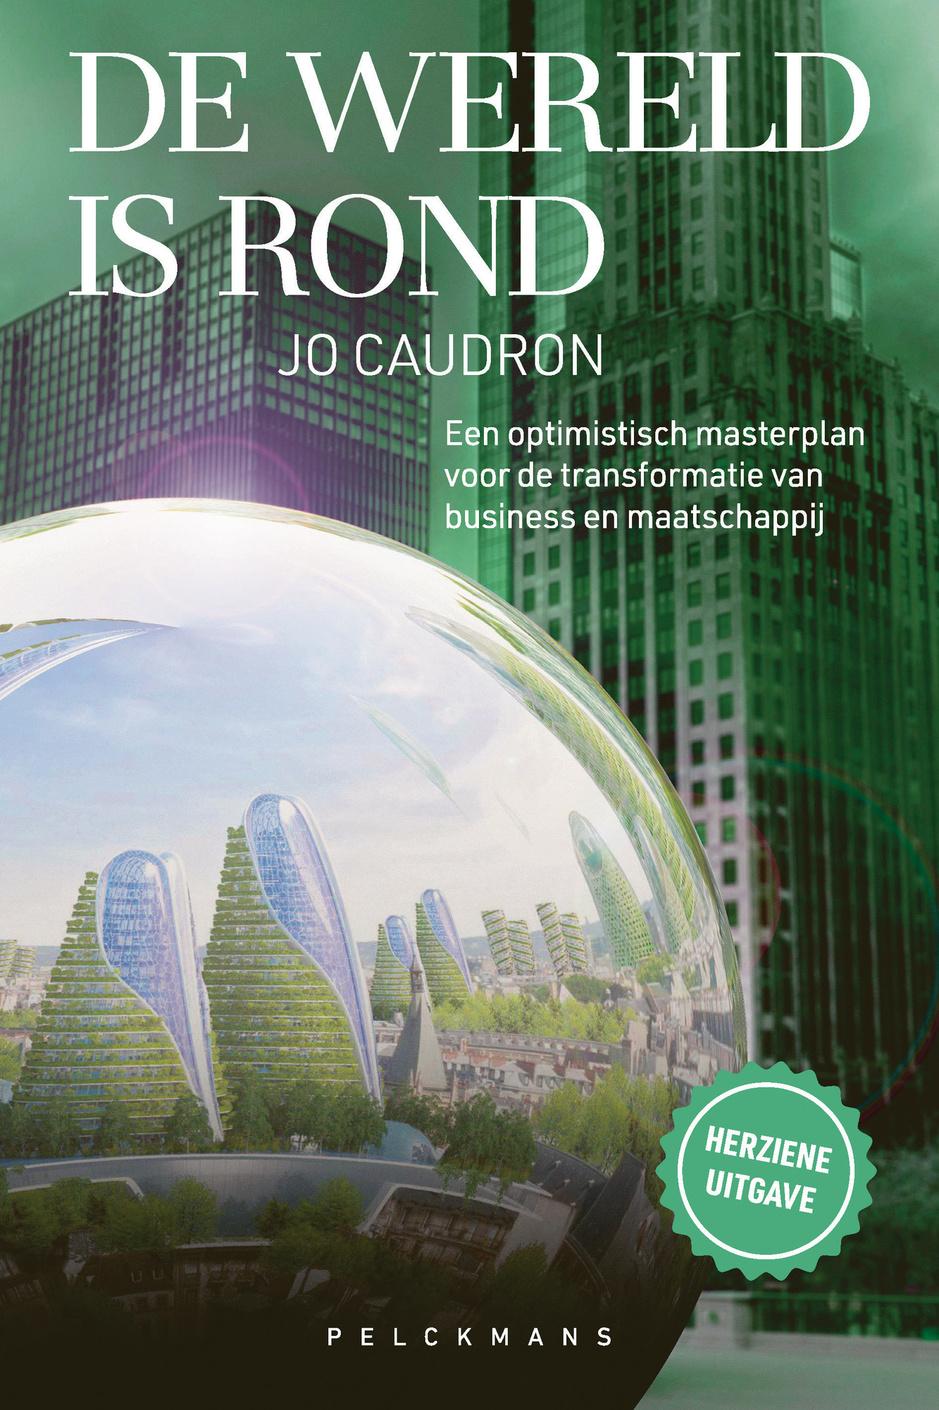 Voorpublicatie: 'De wereld is rond, herziene uitgave' (Jo Caudron)